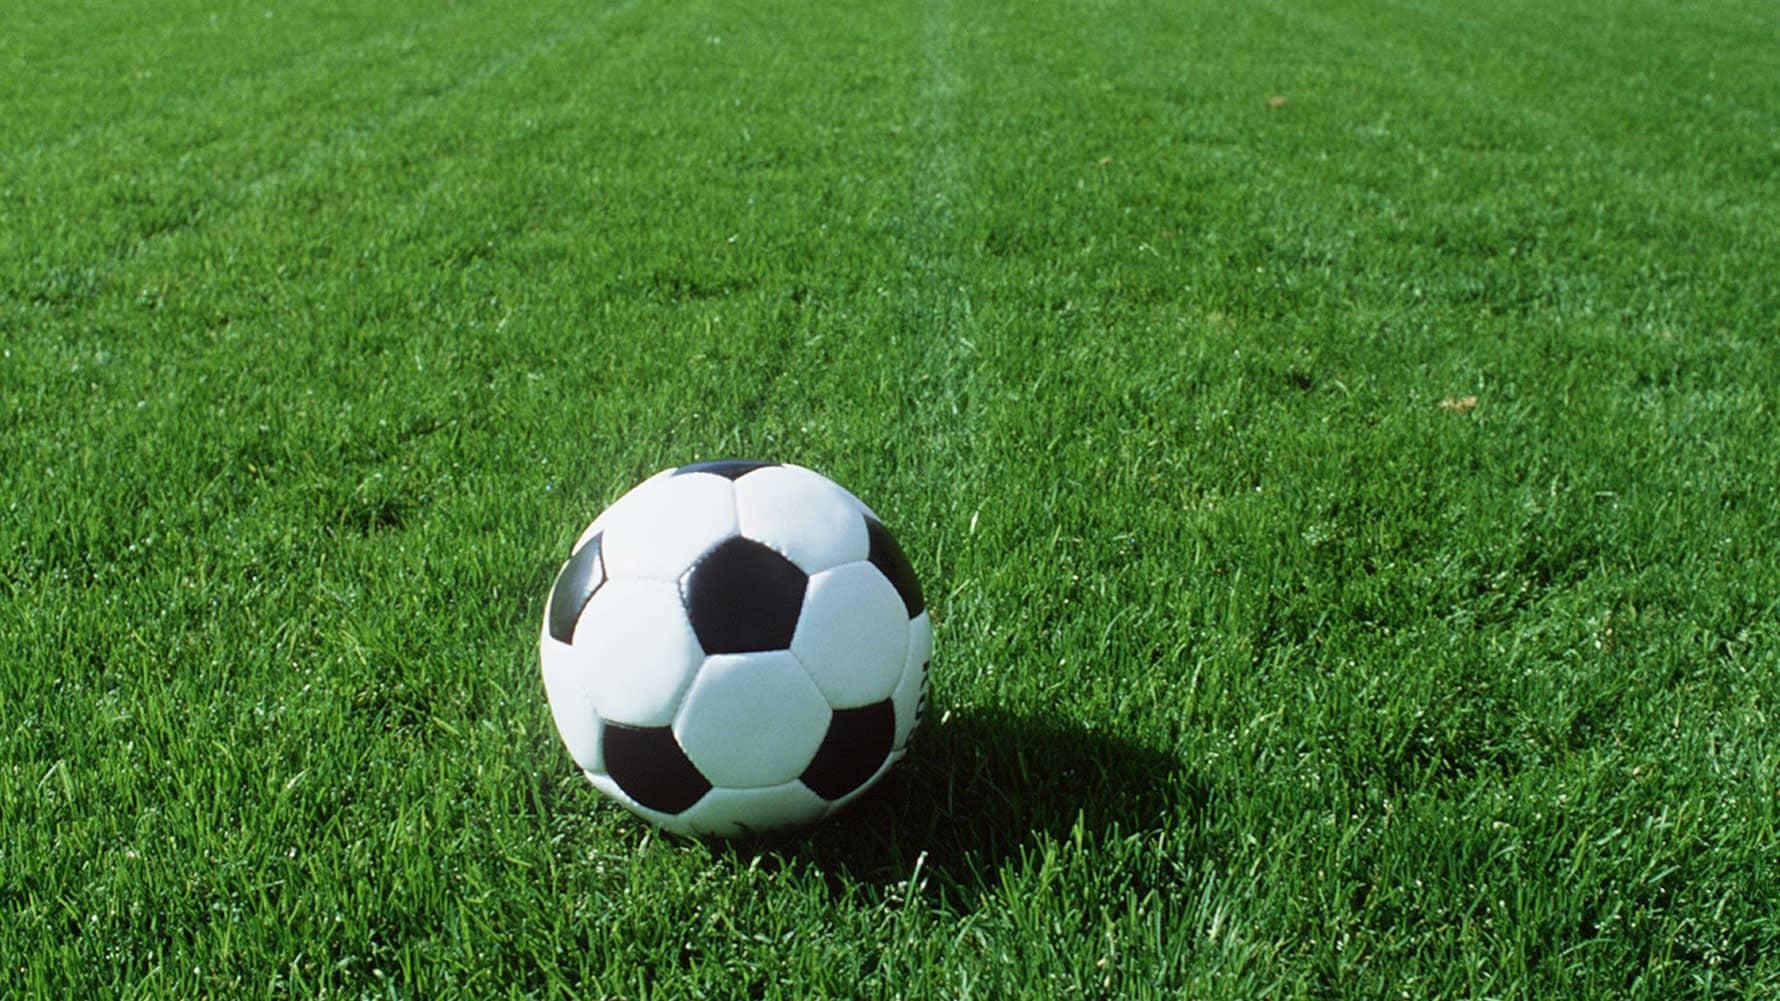 Jalkapallo ruohokentällä.